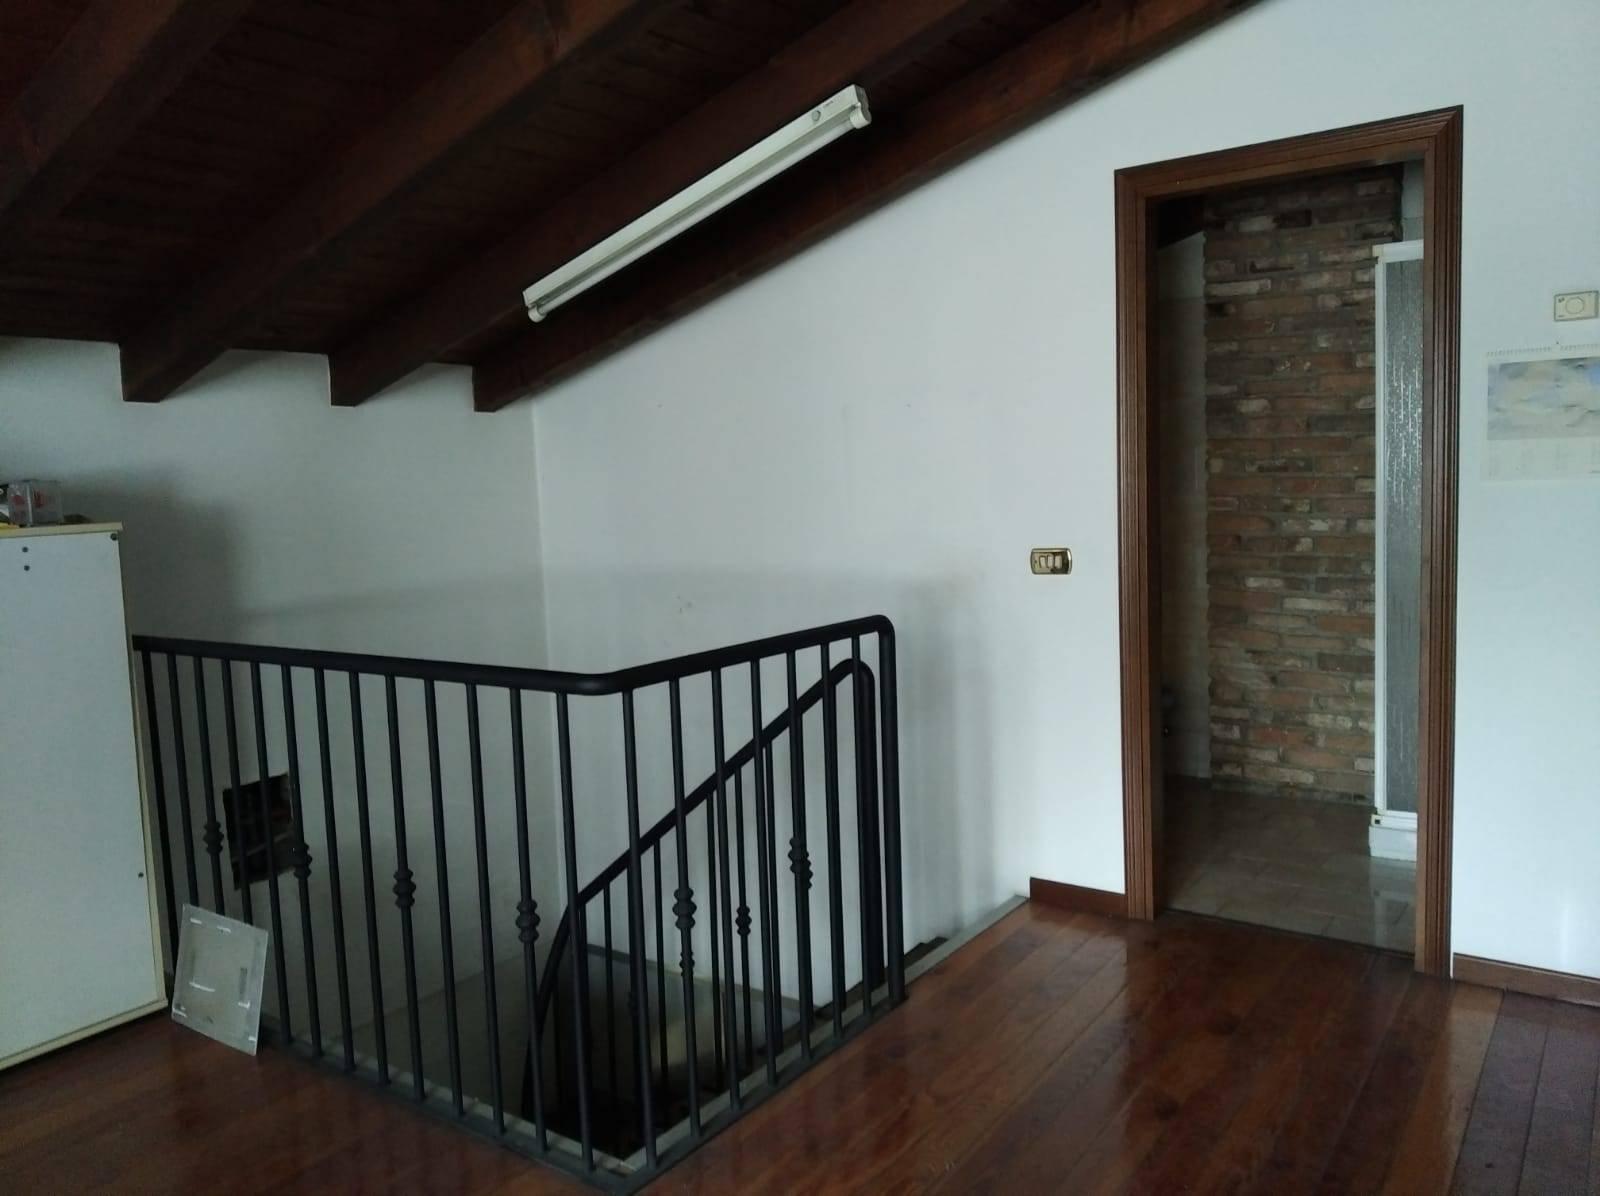 Appartamento in vendita a Lumezzane, 4 locali, zona Zona: Piatucco, prezzo € 89.000 | CambioCasa.it